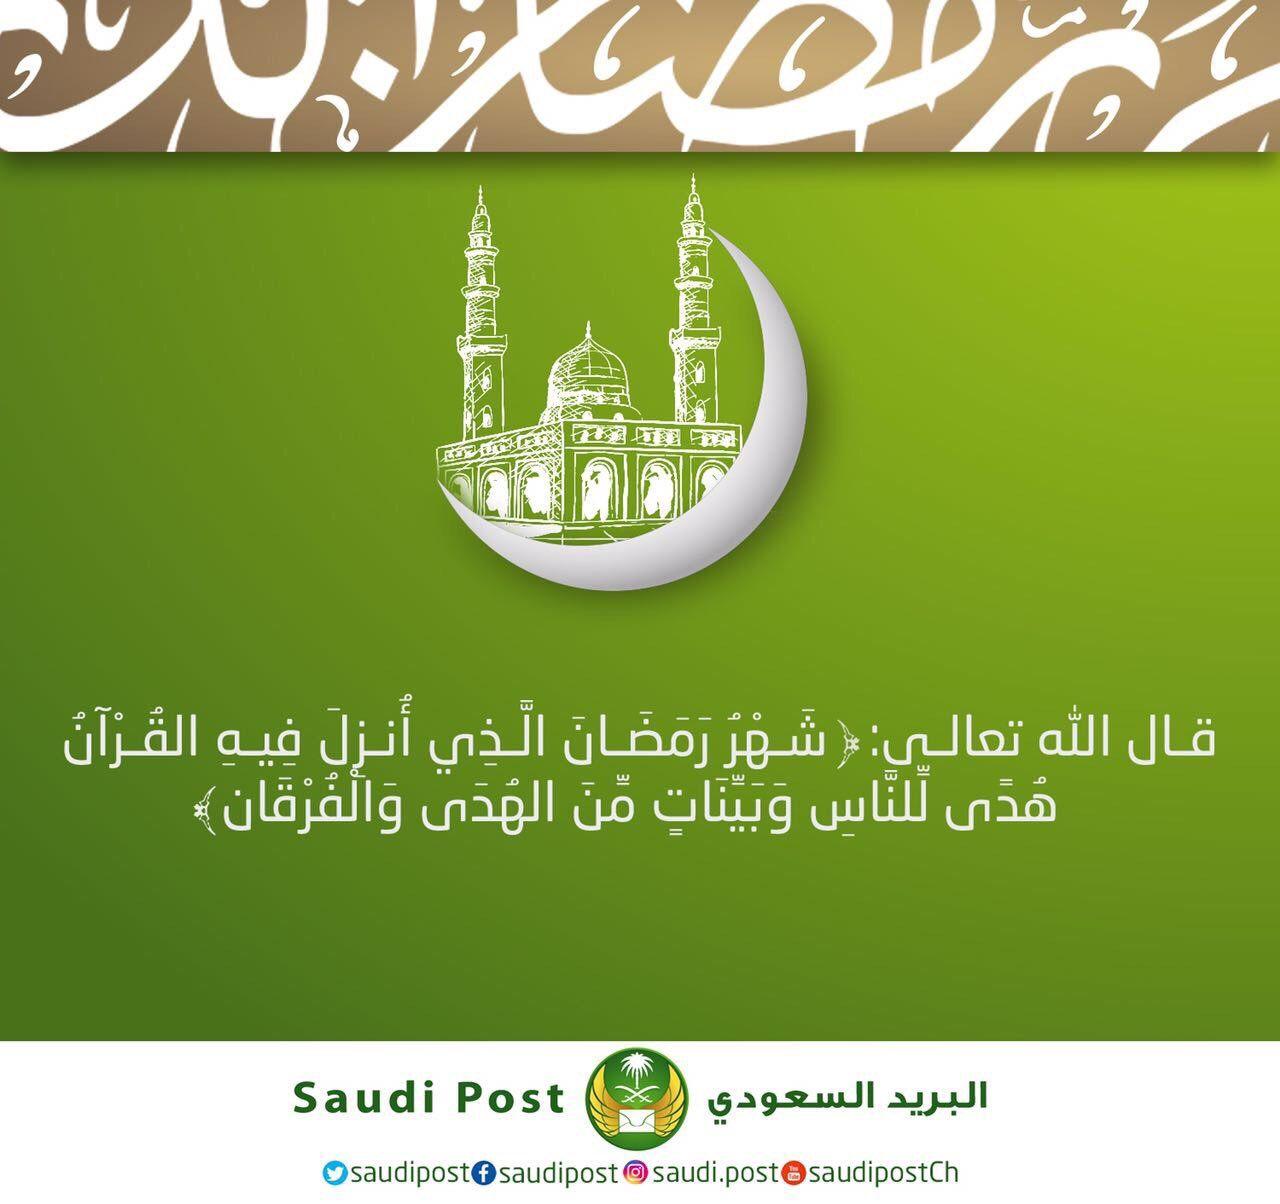 ا لـ ـبـ ـر ـيـ ـد السعودي On Twitter Disney Now Cards Business Cards